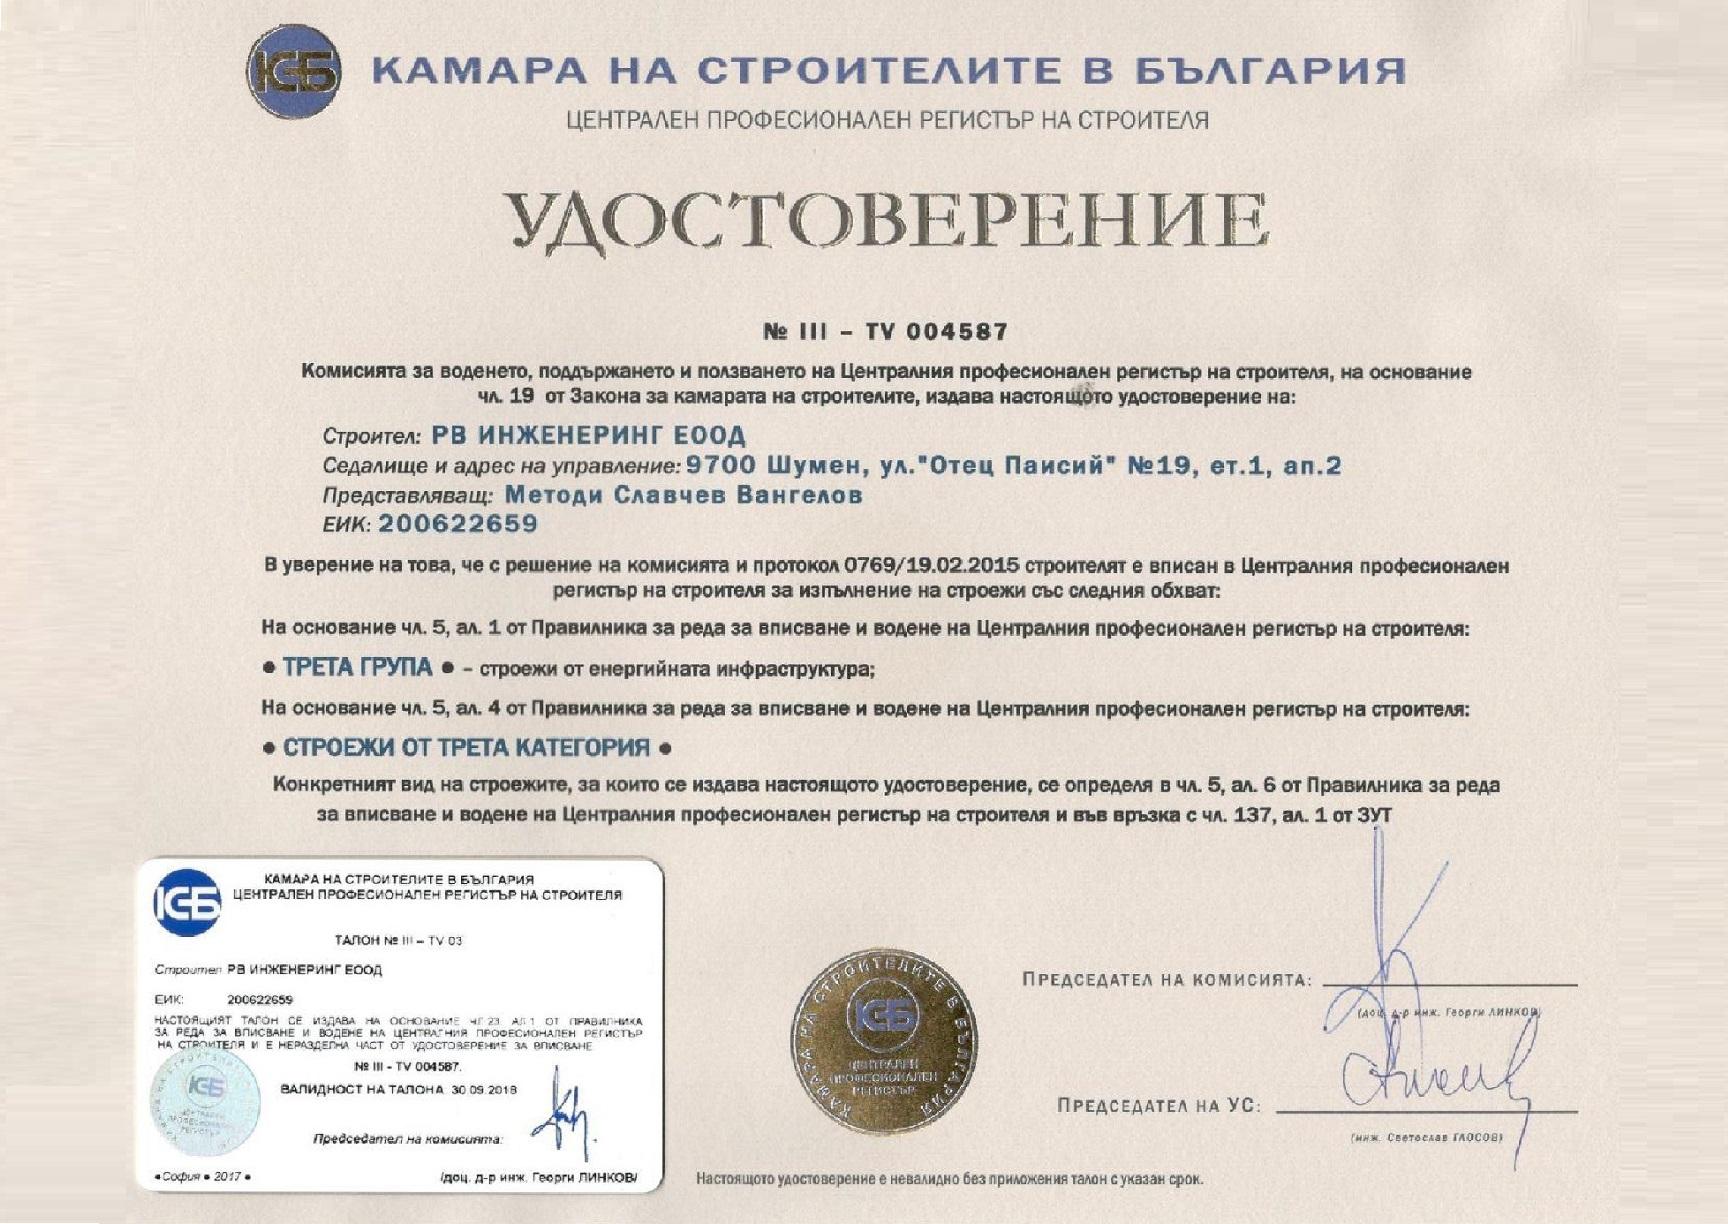 Удостоверение № III - TV 004587